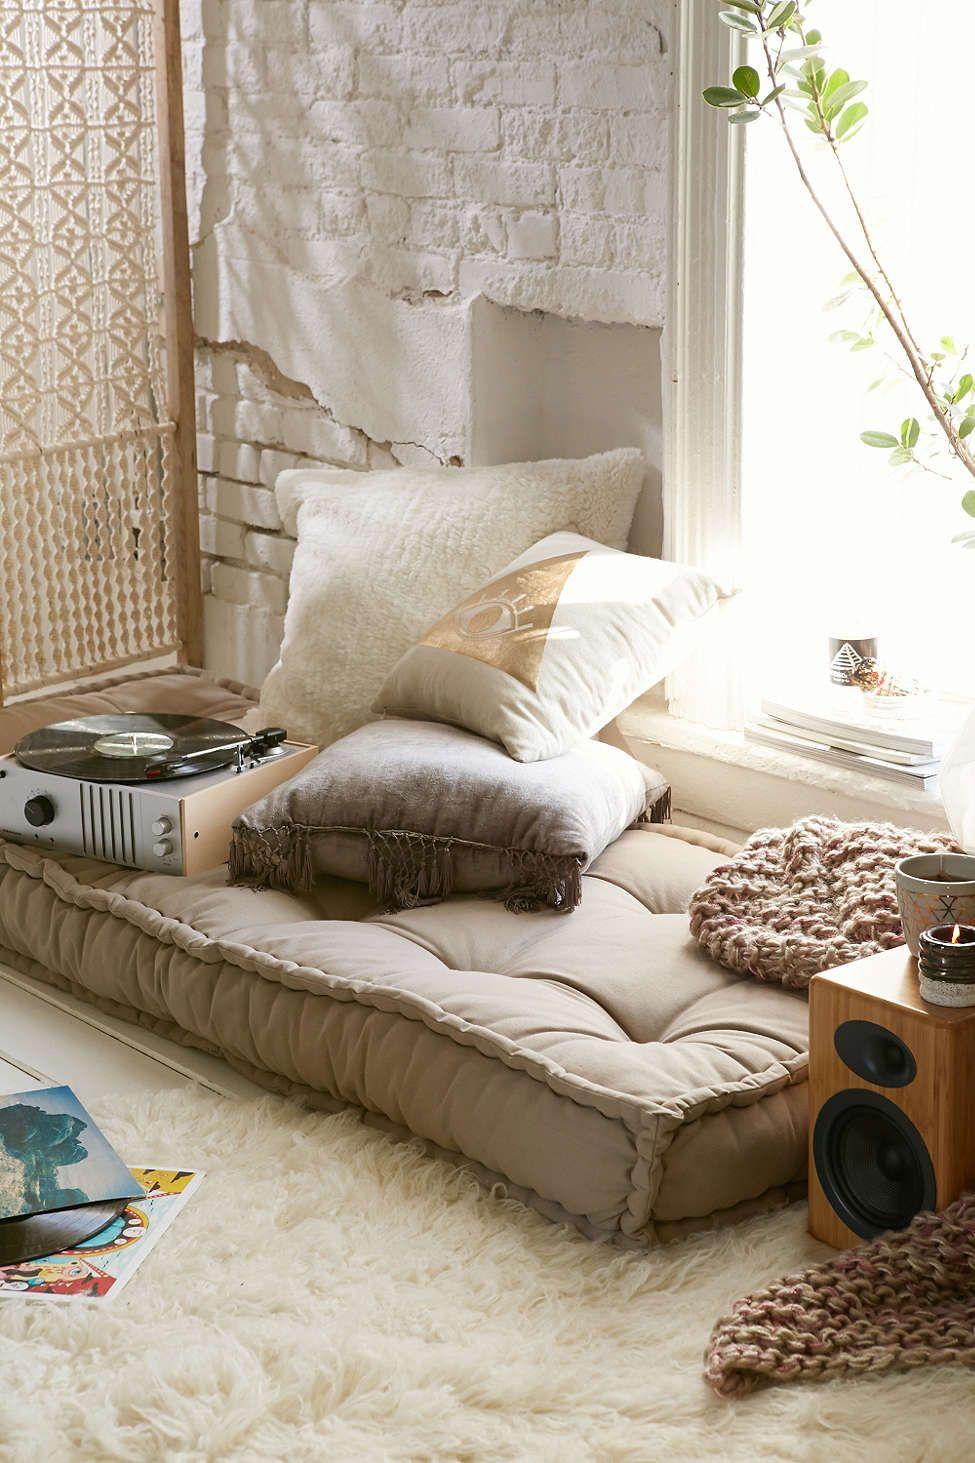 pillow pillows poufs kilim collections vintage pouf textile floor wares berber e moroccan